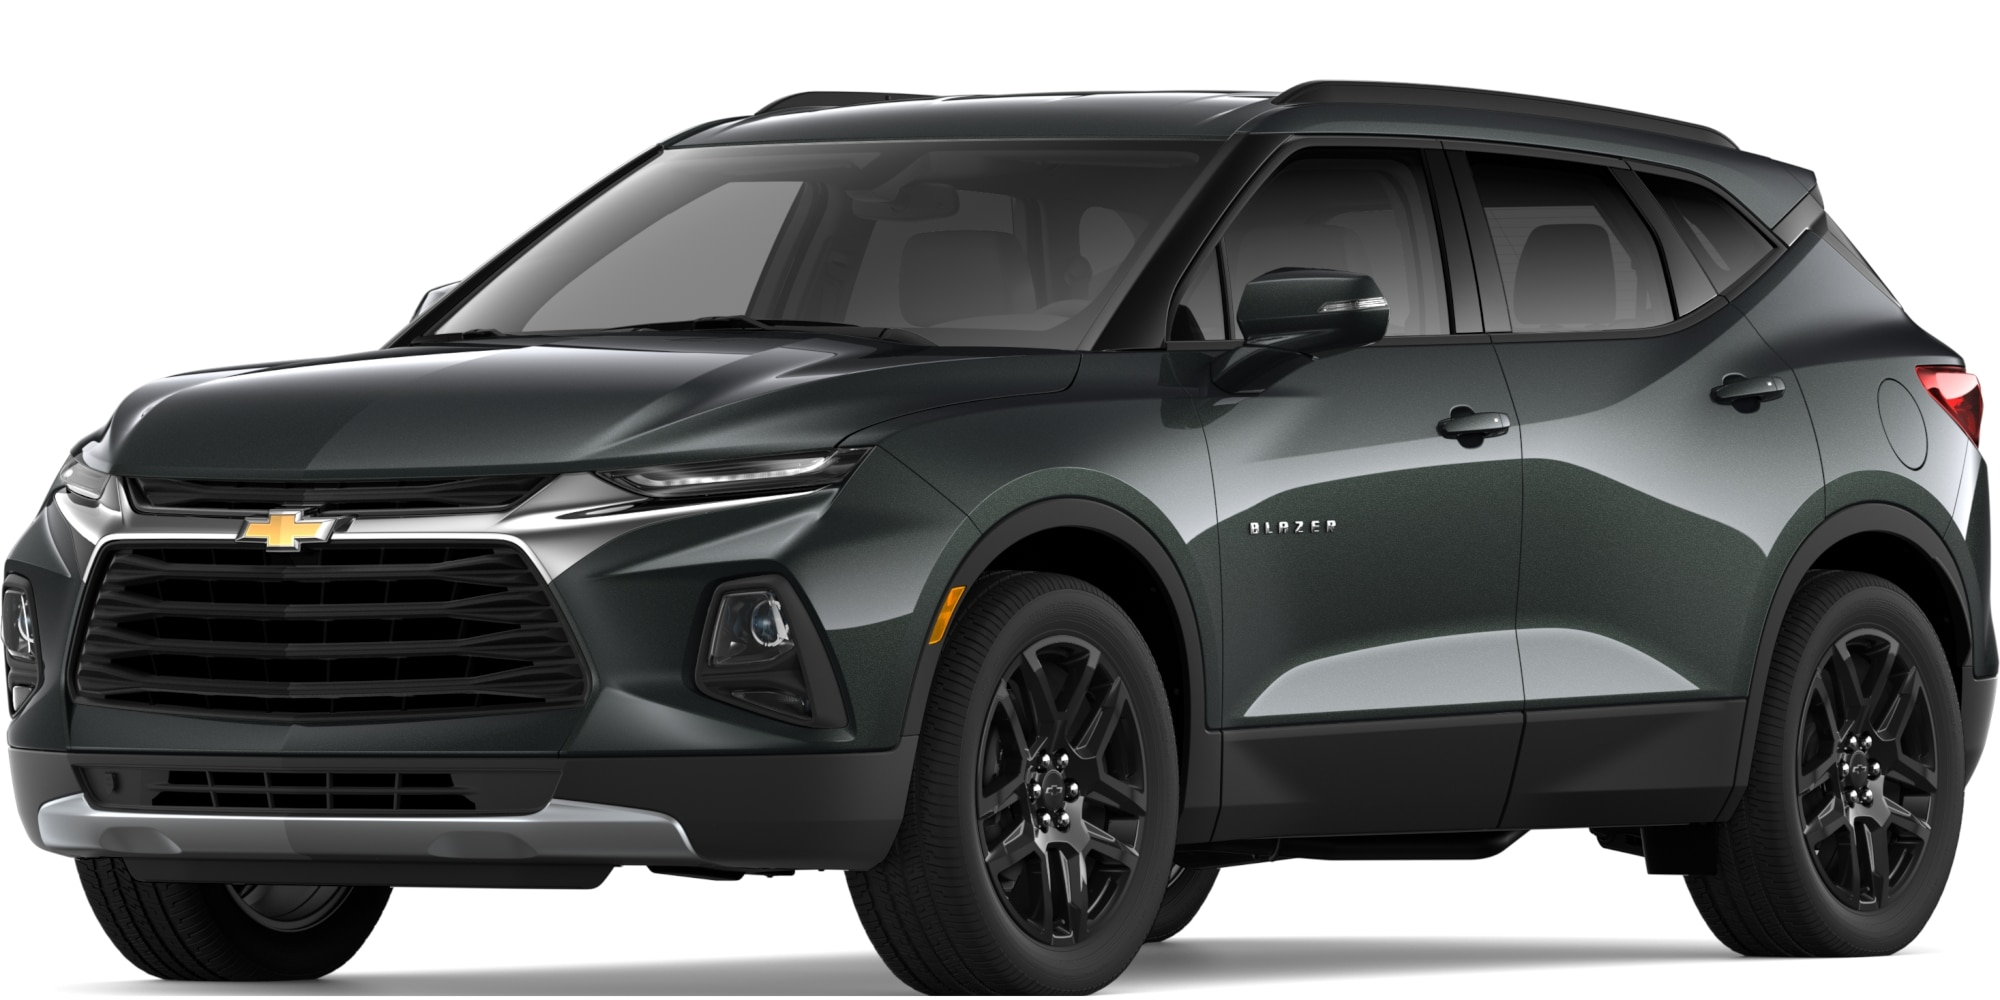 Crossover SUV deportiva de tamaño mediano Blazer 2019 totalmente nueva